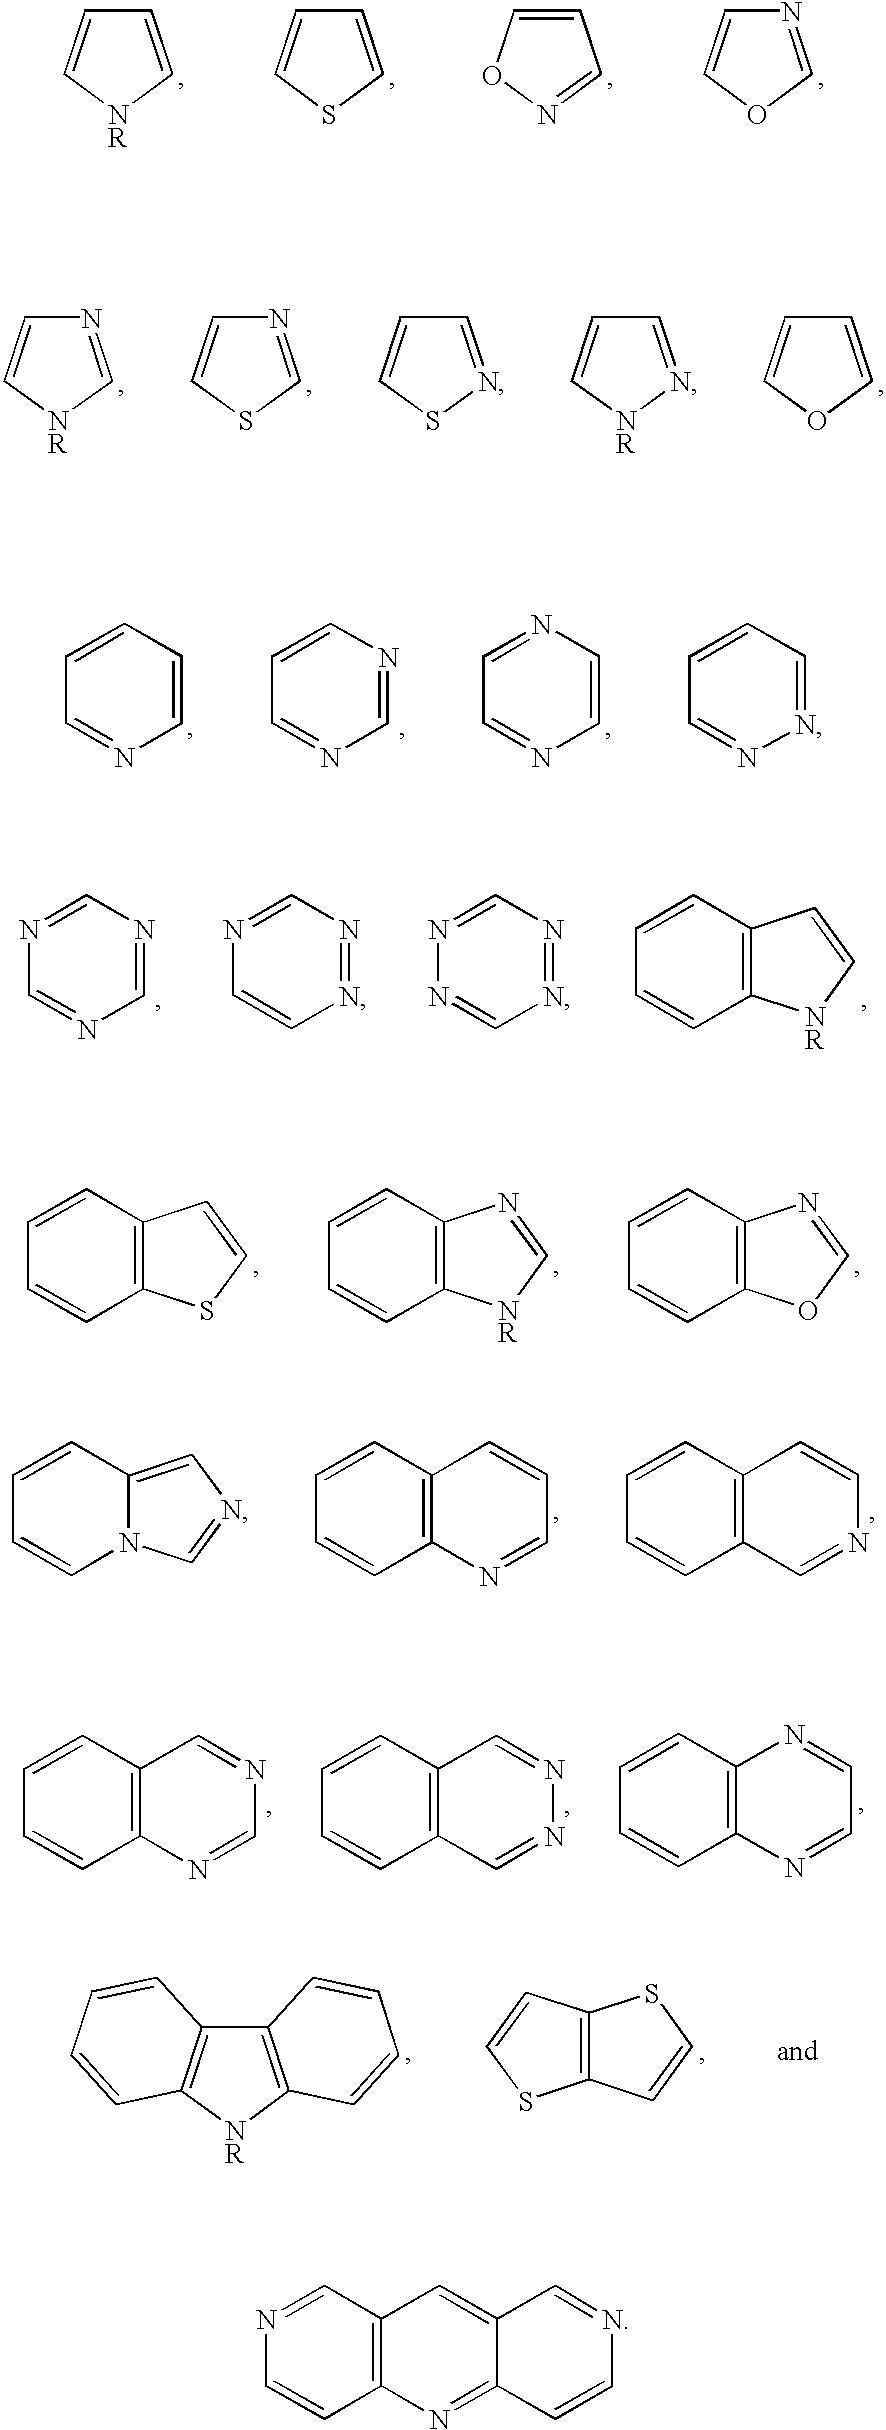 Figure US20030032801A1-20030213-C00019